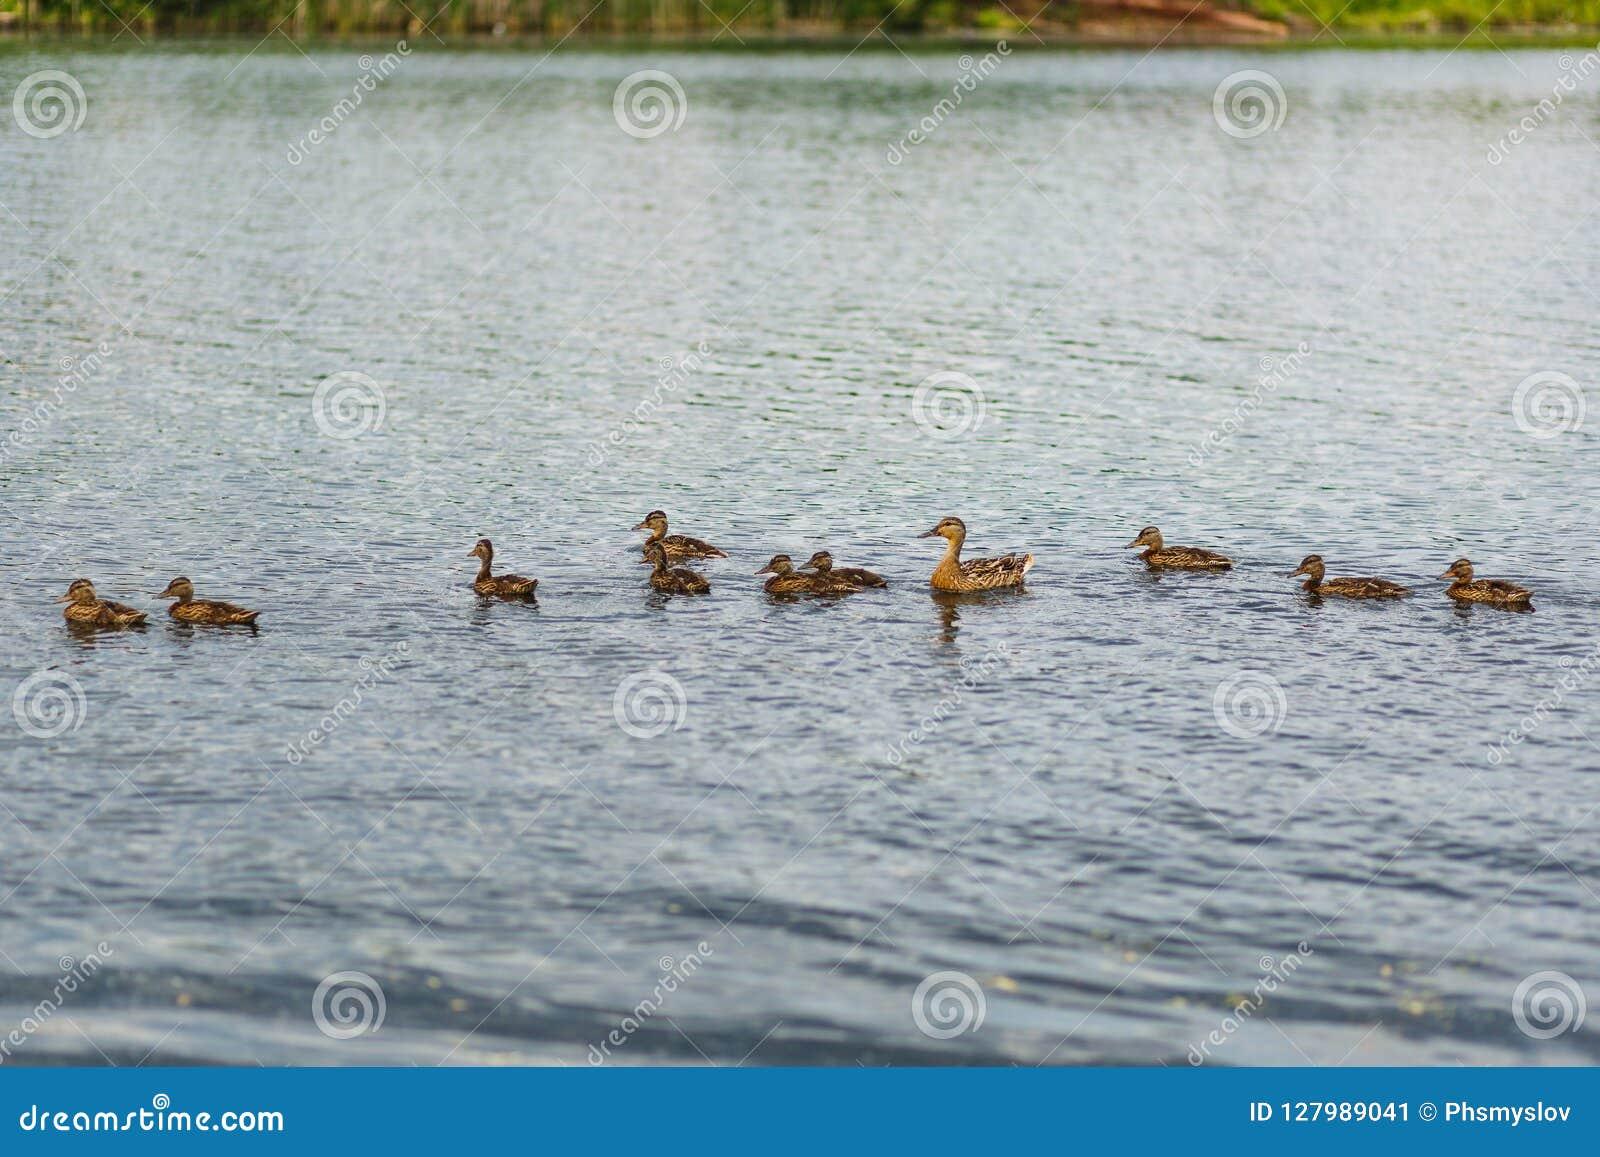 Wildente mit den Entlein, die in den Teich schwimmen